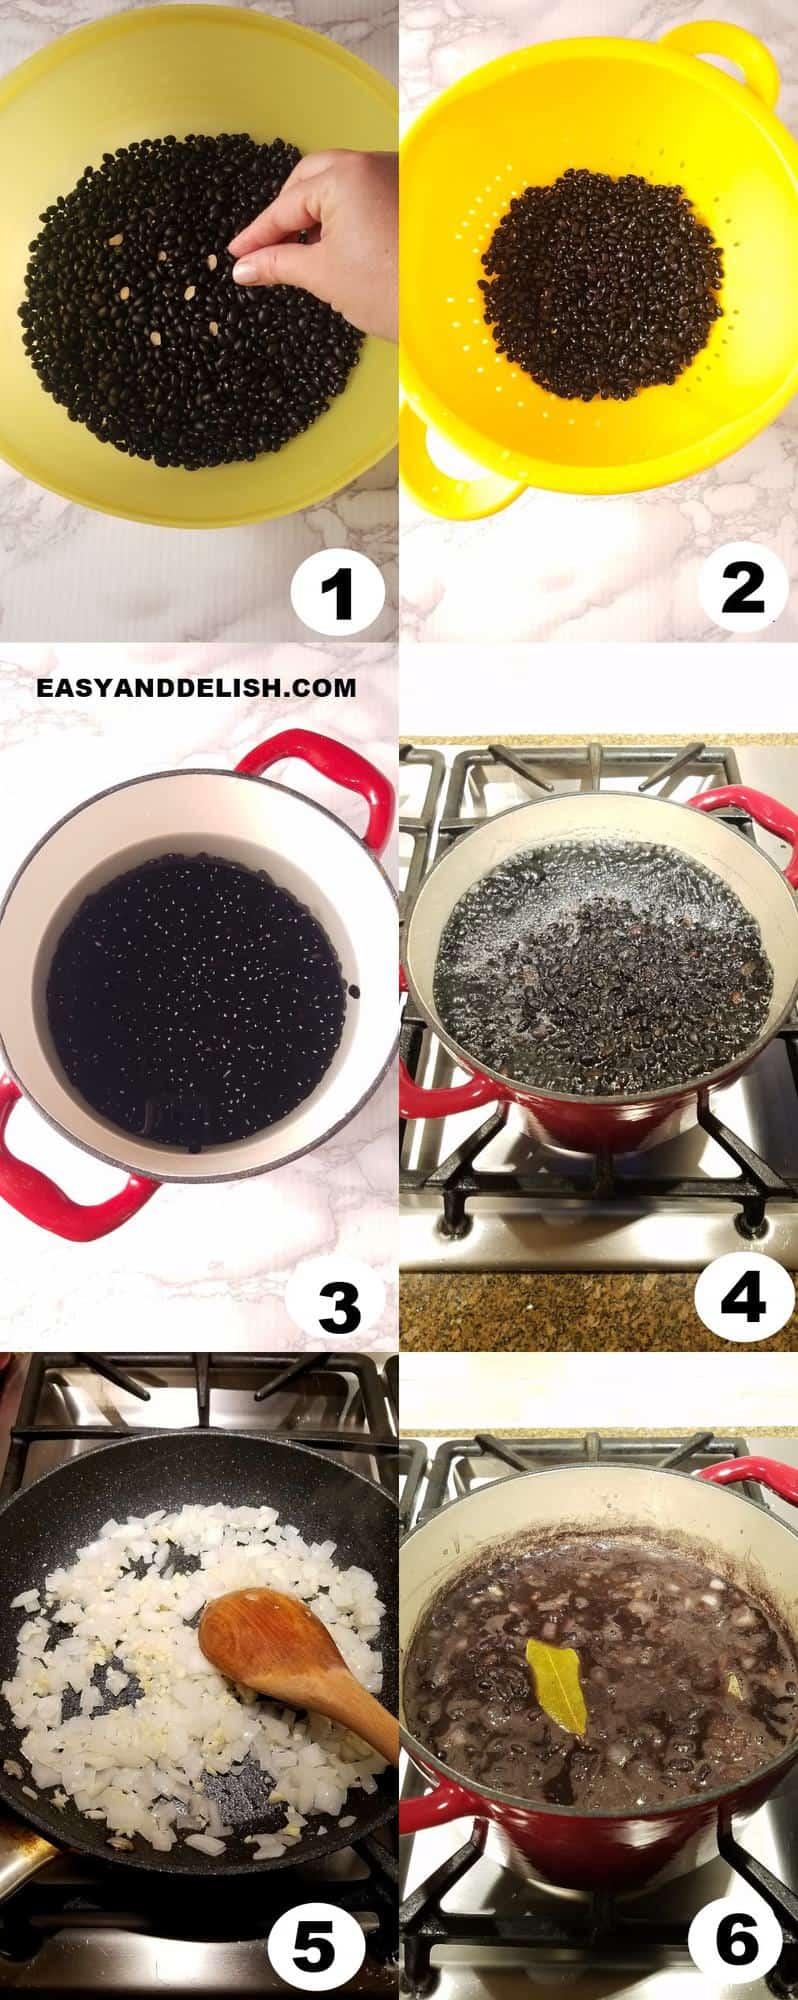 imagem mostrando como cozinhar feijão preto em 6 etapas